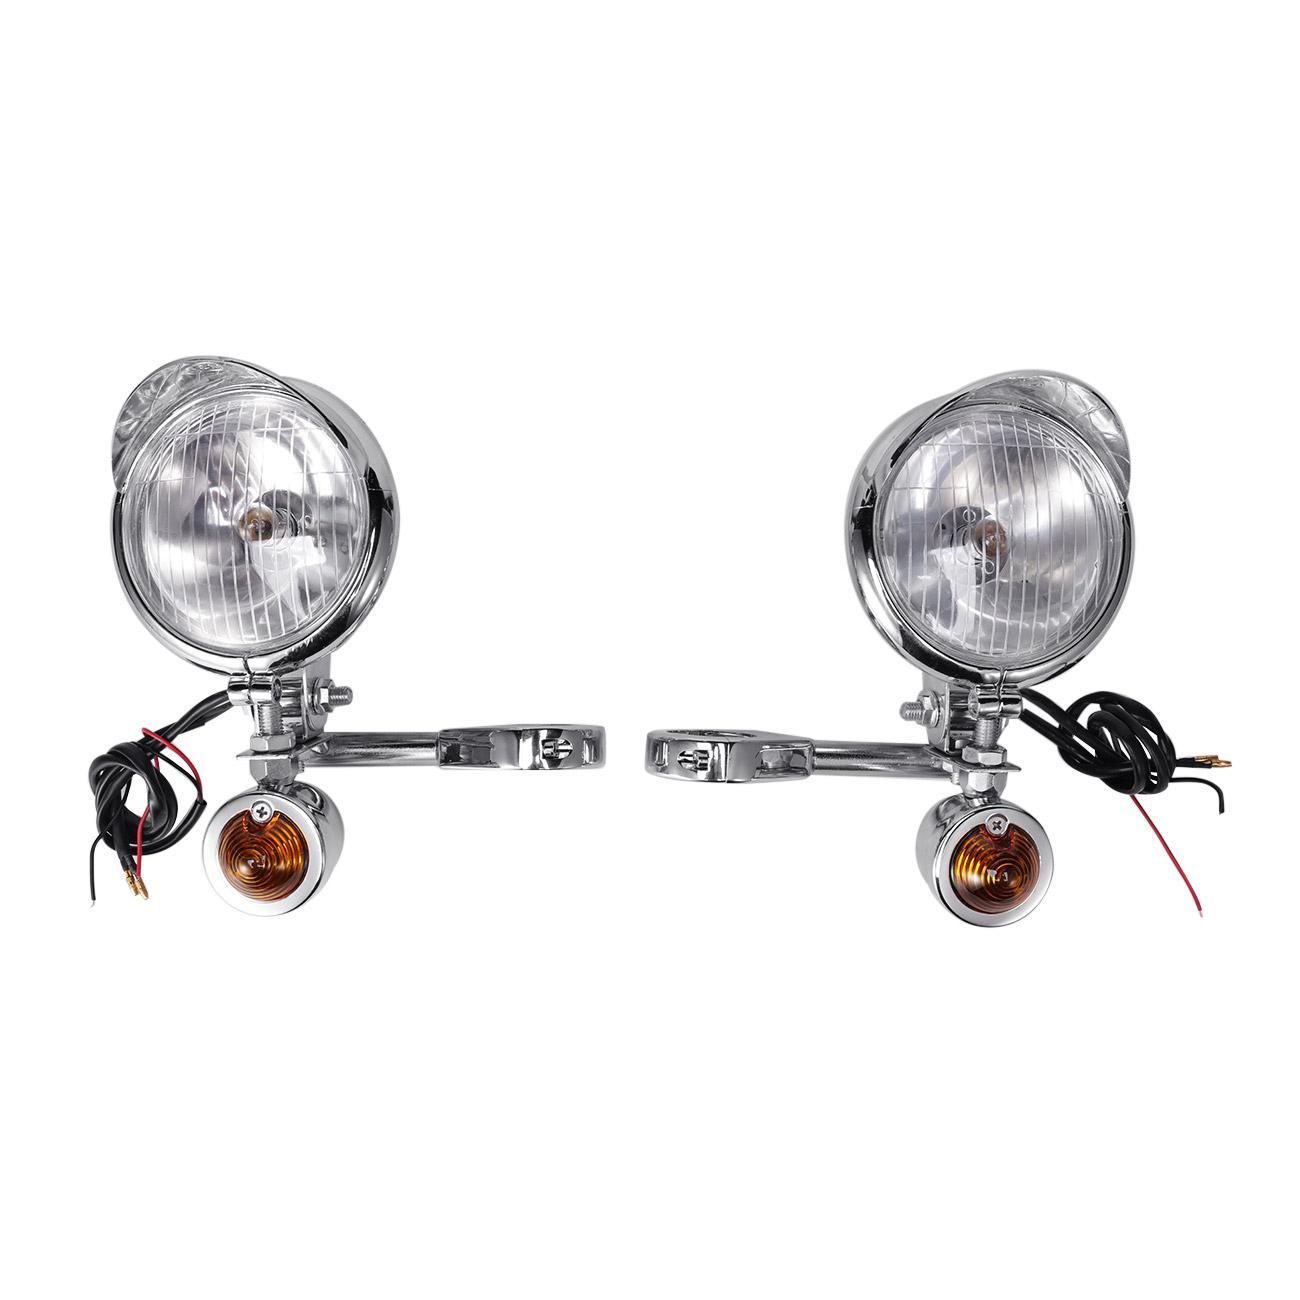 Chrome Turn Signal Passing Spot Fog Lights Bar For Harley